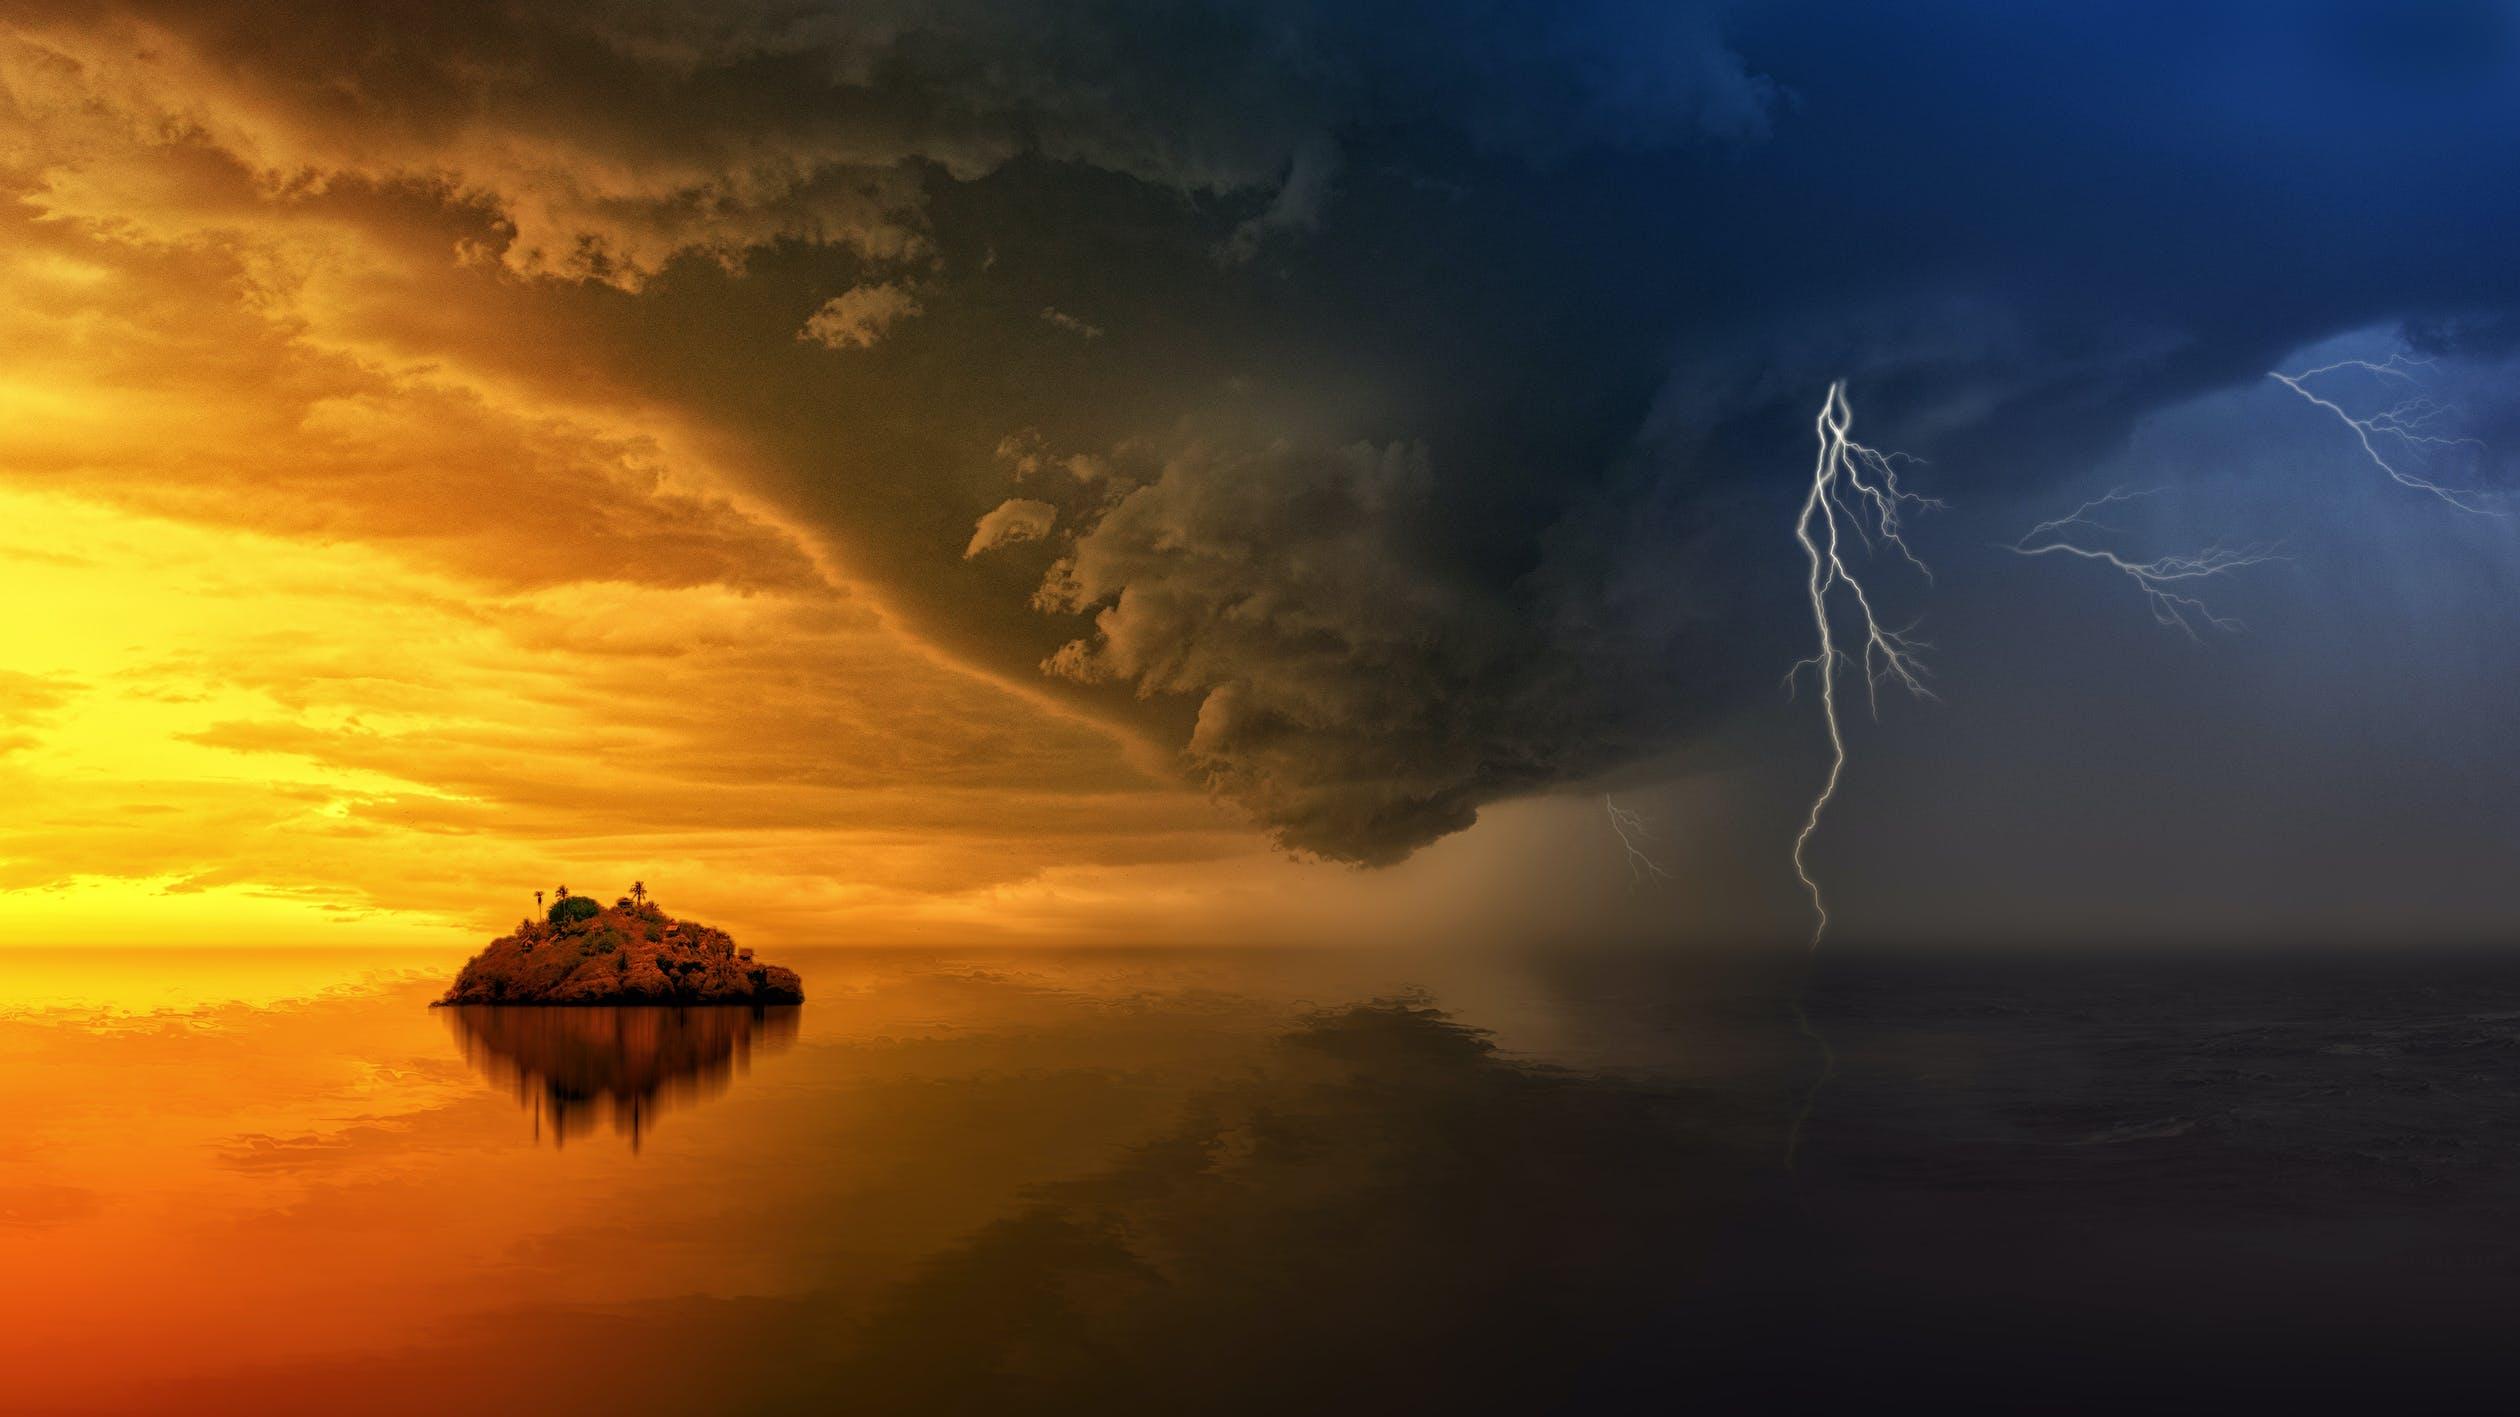 Fiszki język angielski. Kategoria Pogoda. Zdjęcie kategorii Pogoda